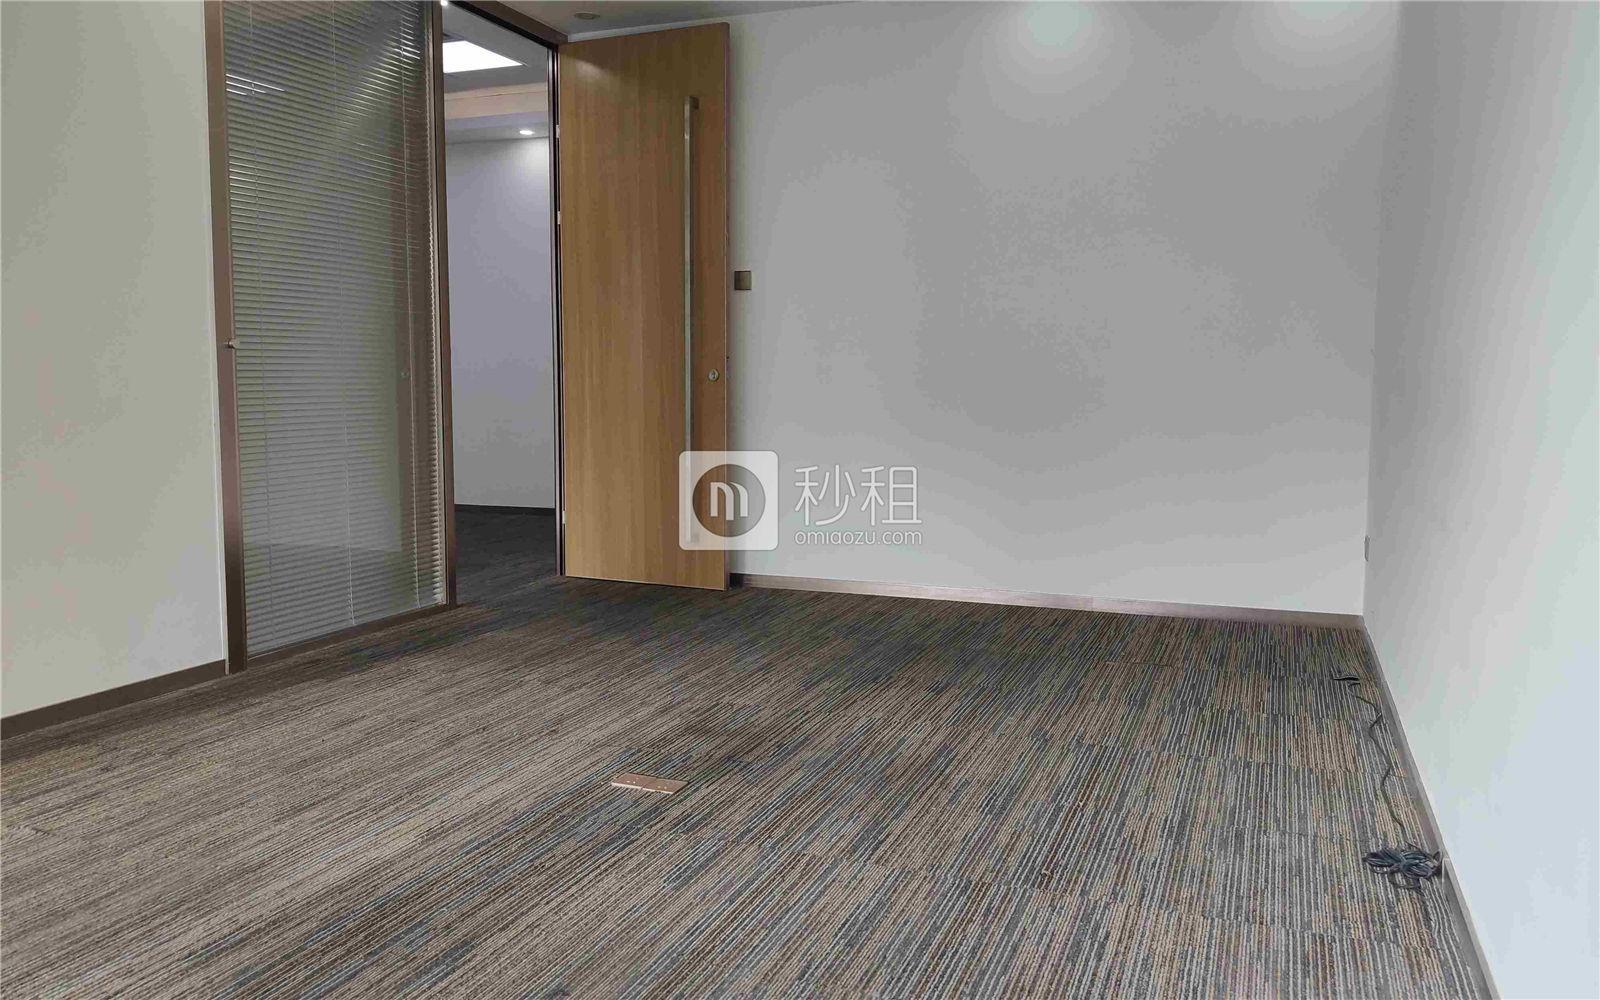 天河-珠江新城 珠控国际中心-珠控商务大厦 130m²